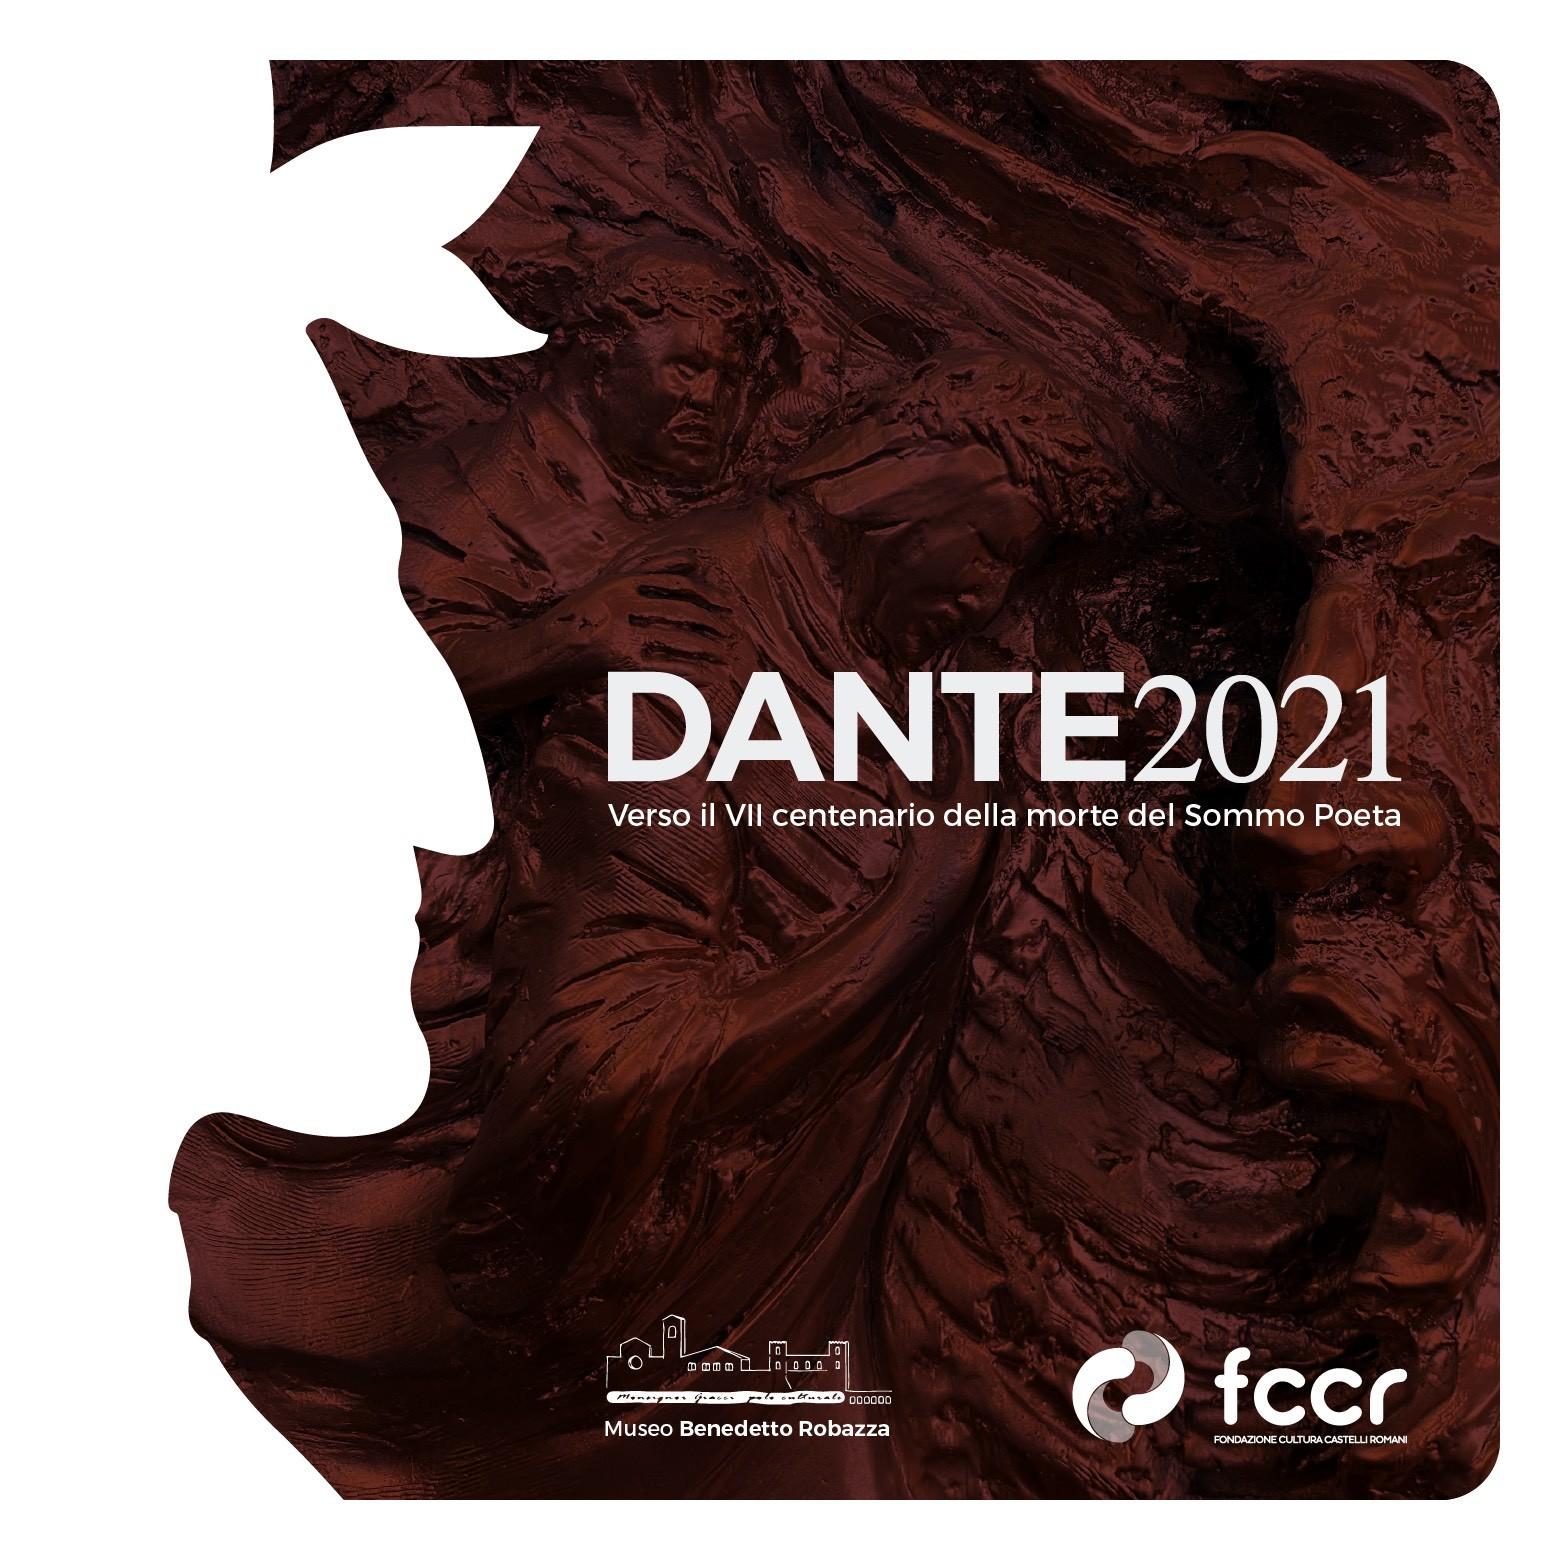 #Dante2021